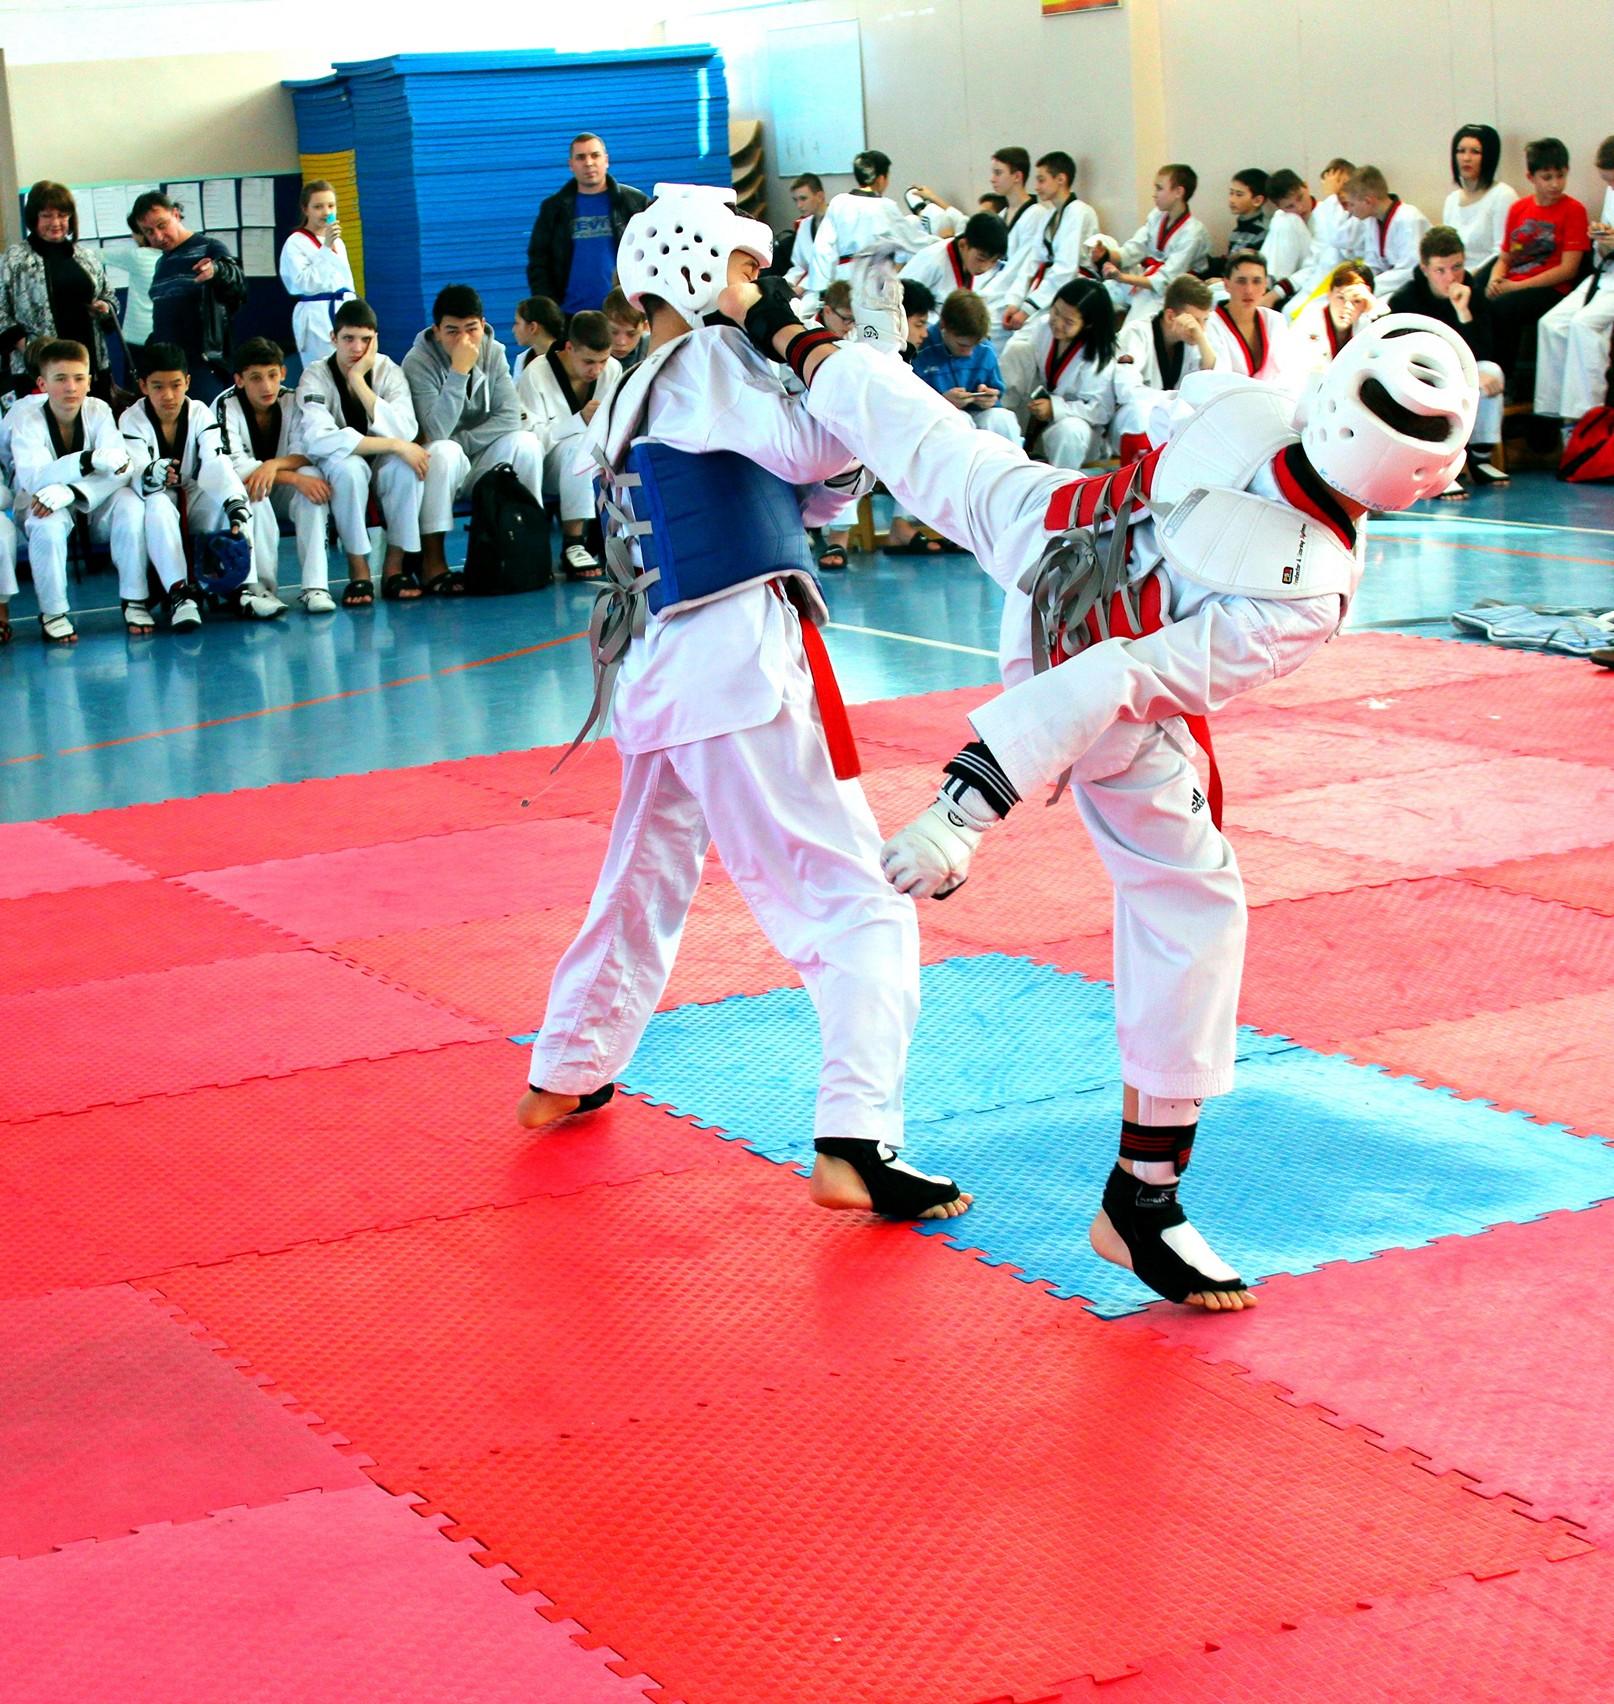 страницу соревнования по тхэквондо город южно-сахалинск сейчас